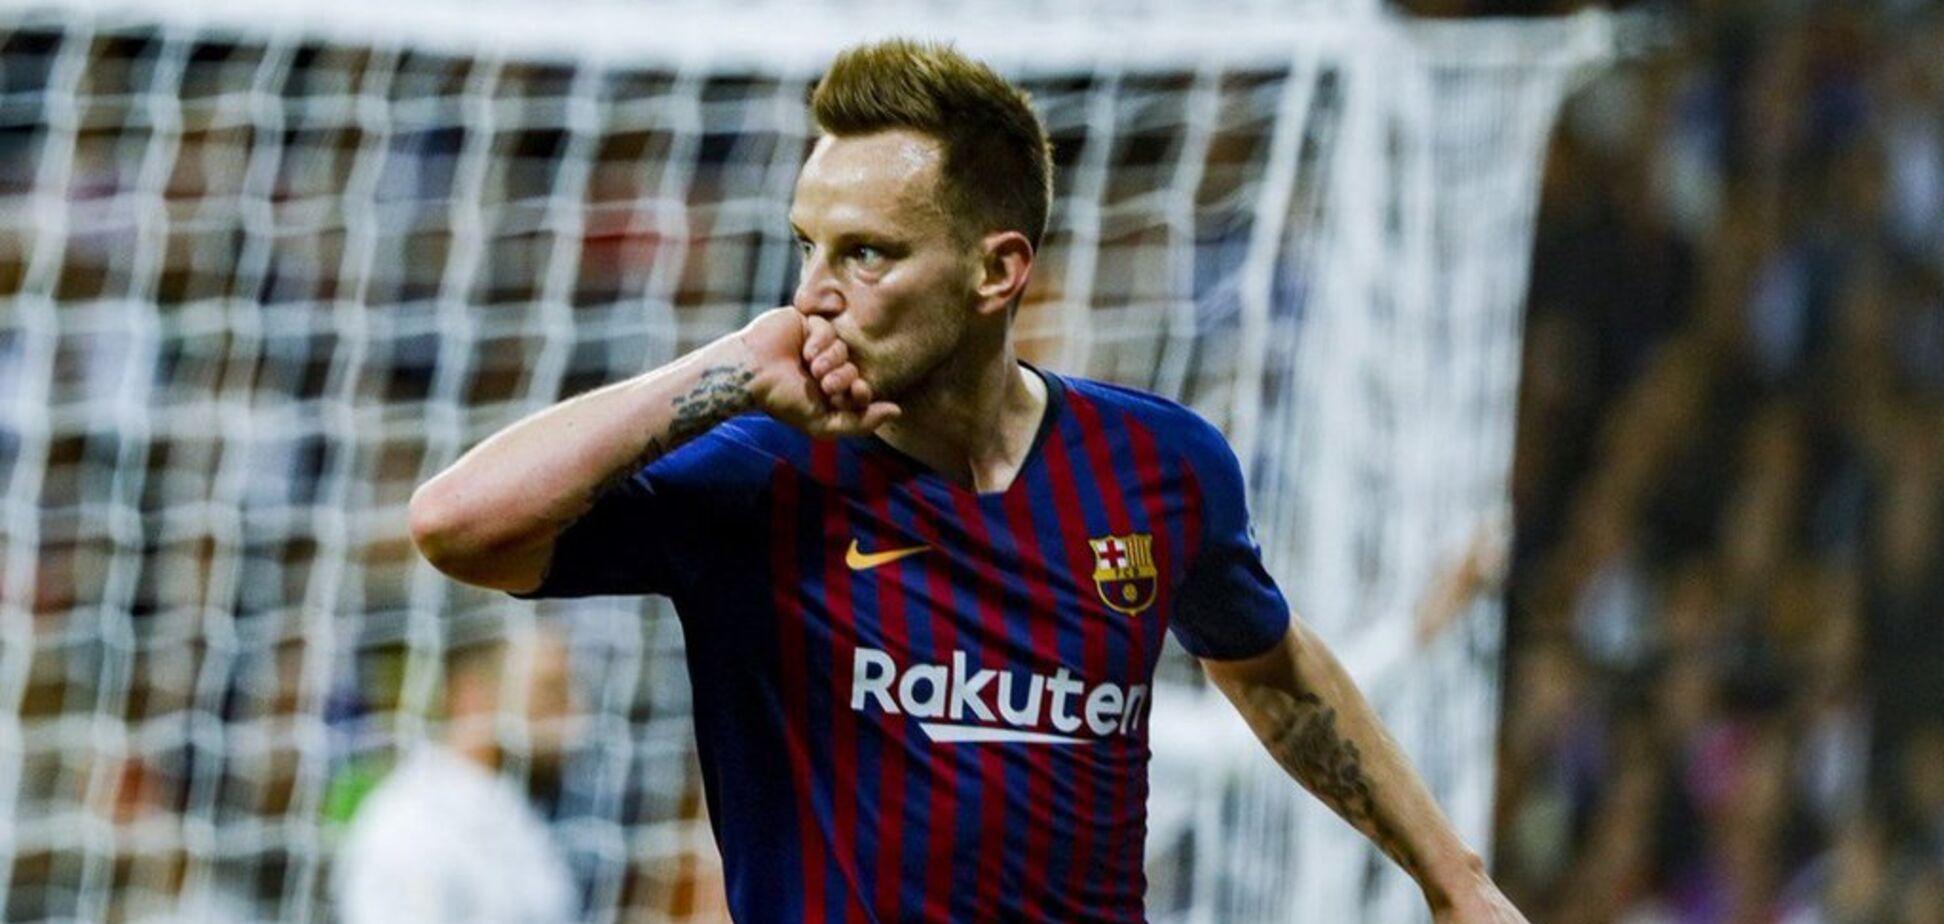 'Барселона' красиво обіграла 'Реал' в чемпіонаті Іспанії